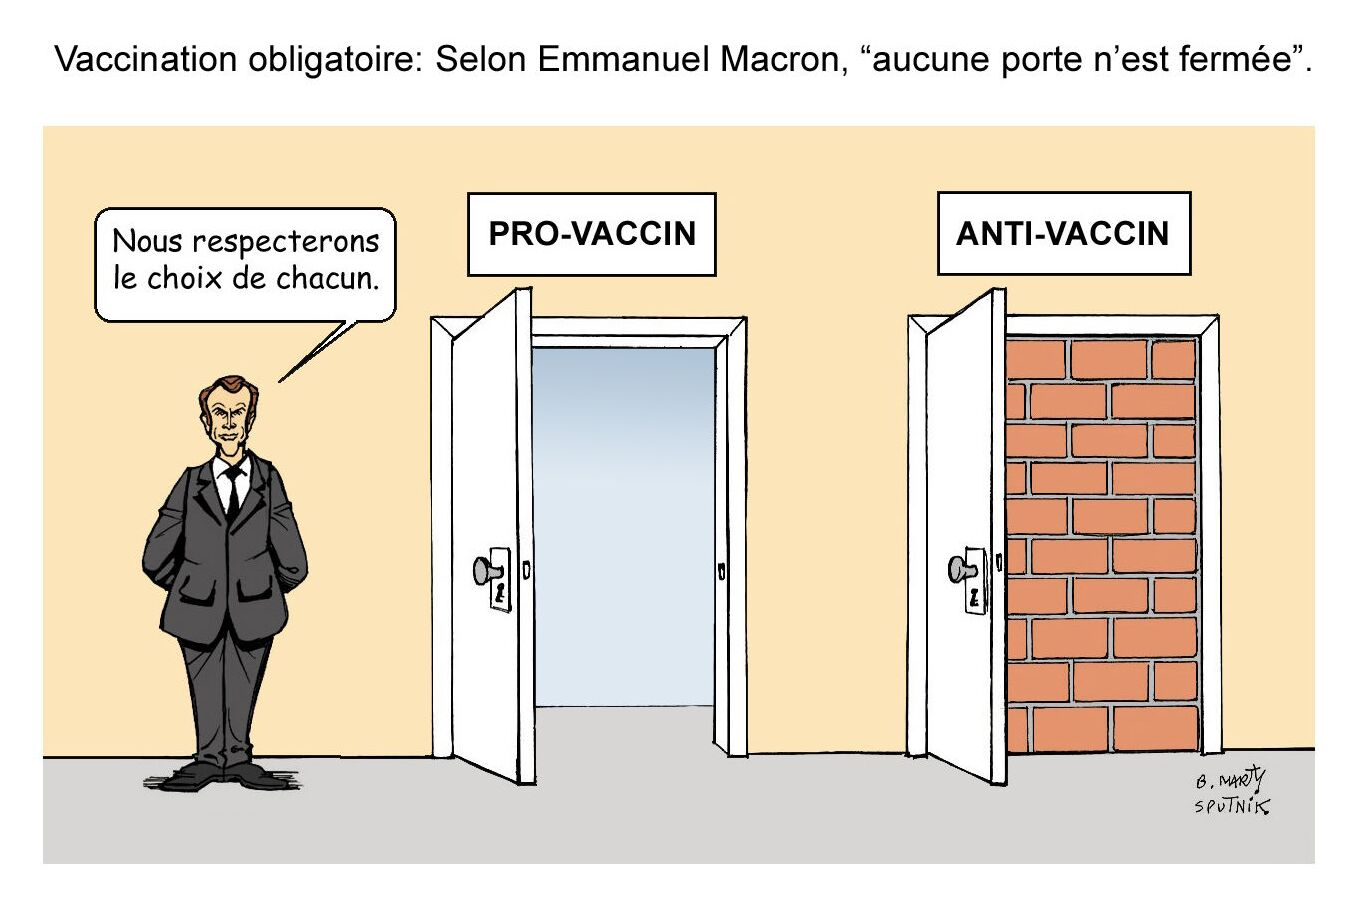 Vaccination obligatoire: selon Emmanuel Macron, «aucune porte n'est fermée»